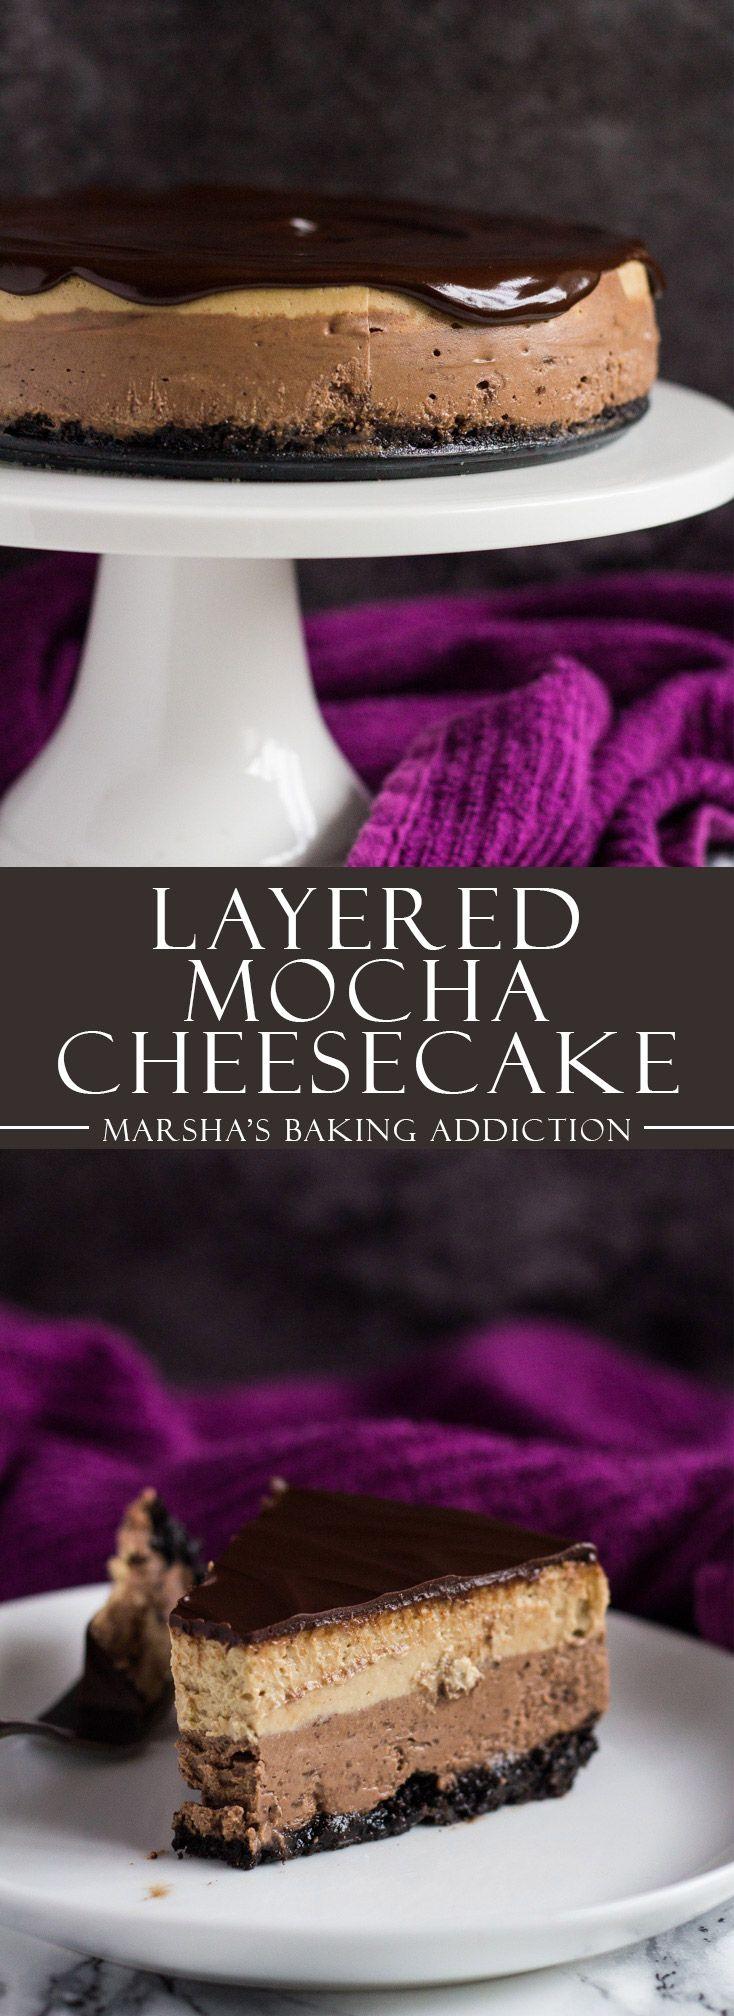 Layered Mocha Cheesecake | marshasbaking  addiction.com @marshasbakeblog